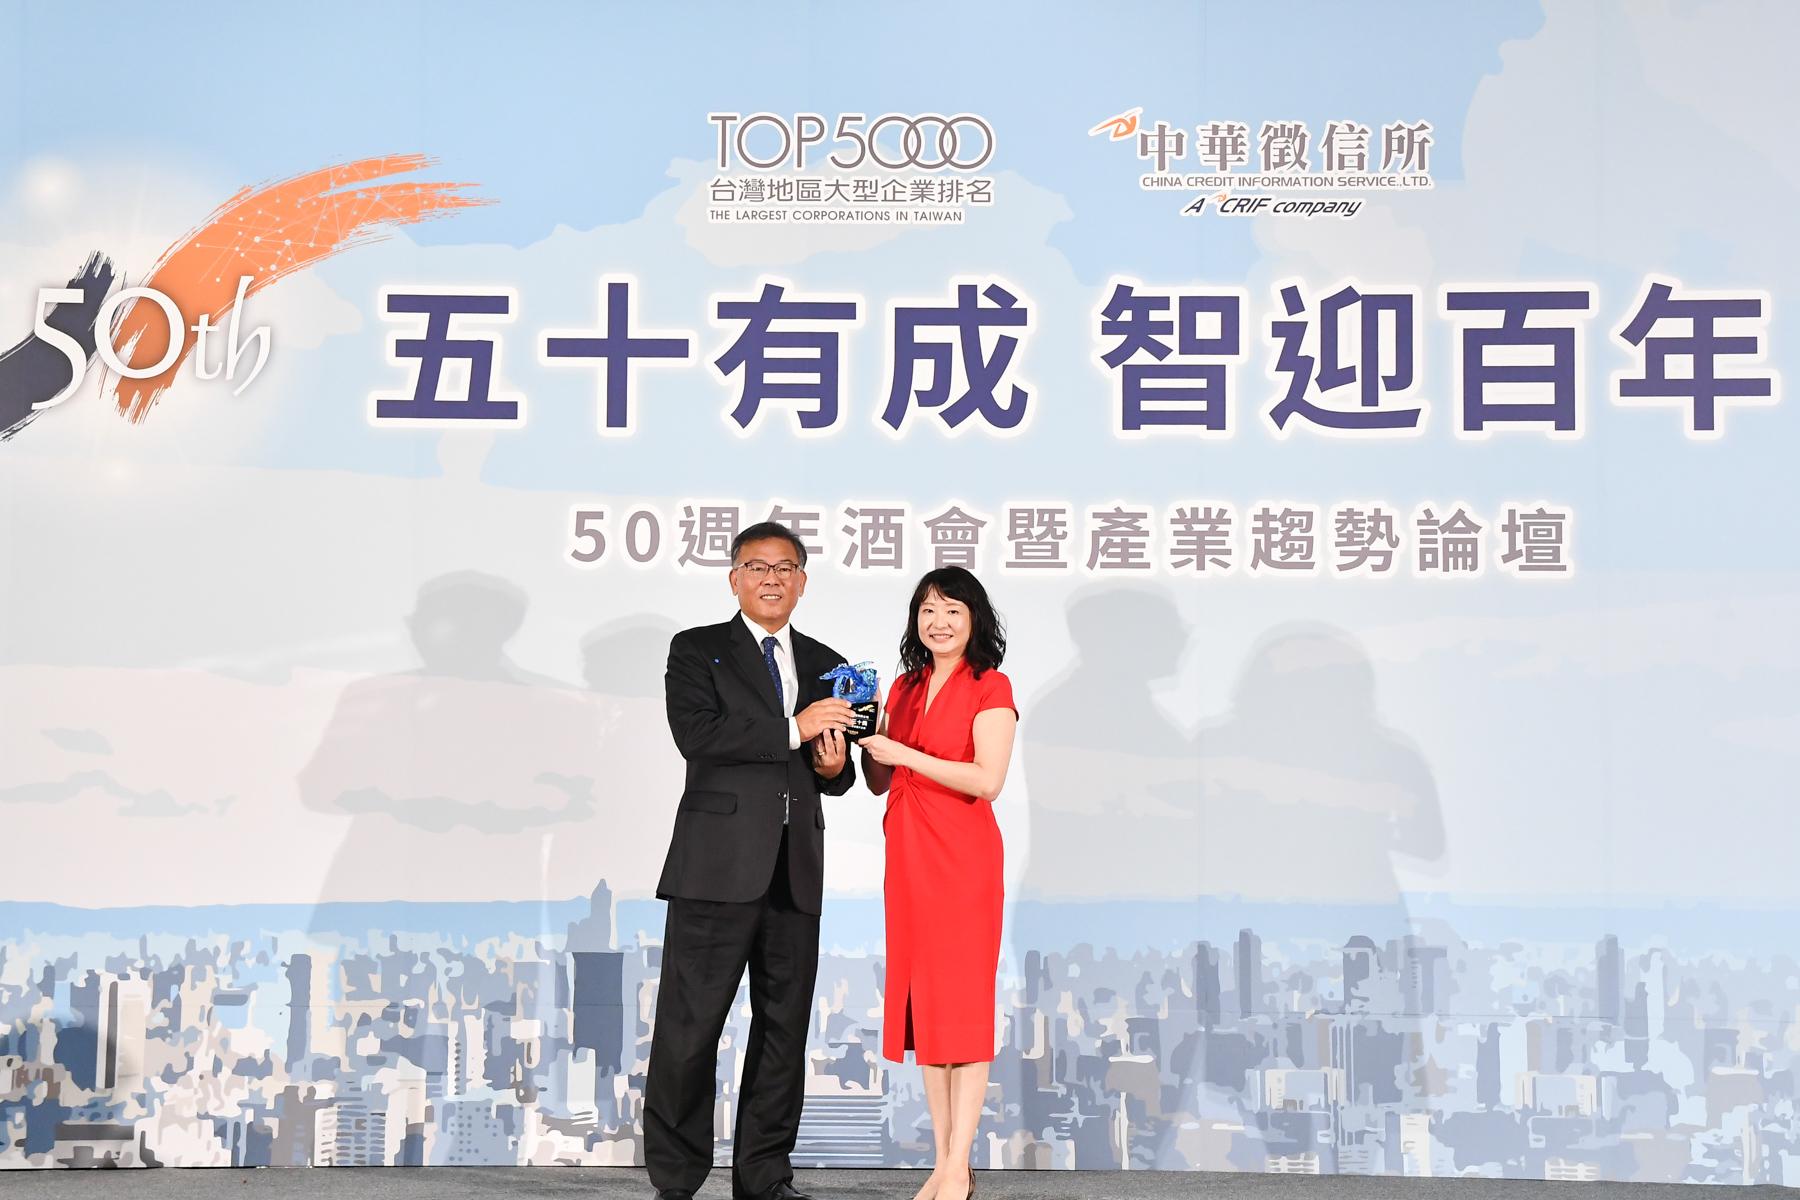 CRIF 中華徵信所郭曉薇總經理(右)頒發「連續30年營收百大企業」獎座予和泰汽車劉松山本部長(左)。